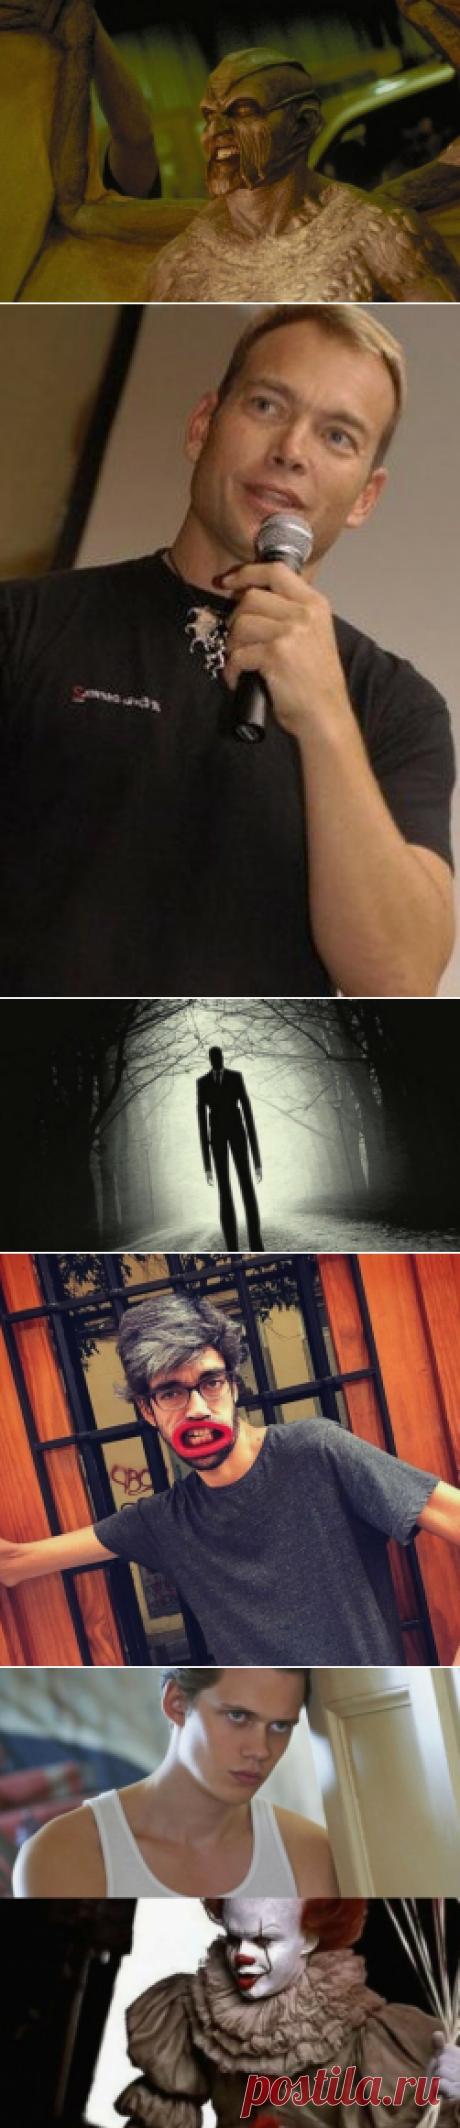 «Монстр оказался красавчиком». Как выглядят актеры, игравшие монстров